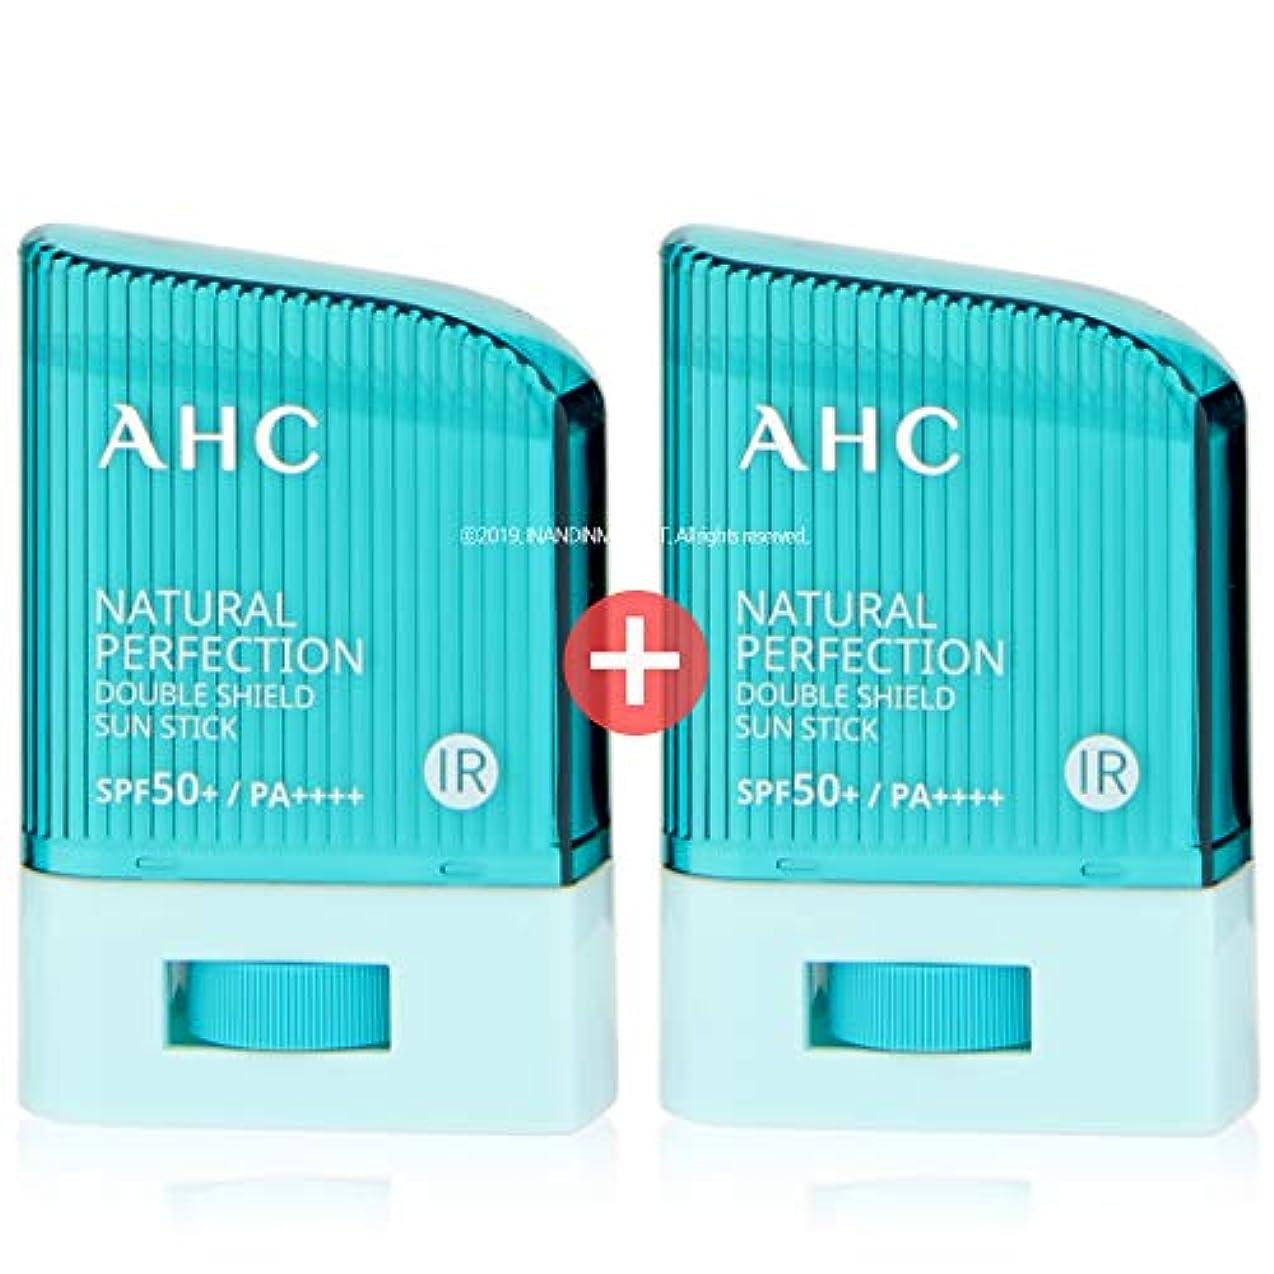 生産的こっそりトーナメント[ 1+1 ] AHC ナチュラルパーフェクションダブルシールドサンスティック 14g, Natural Perfection Double Shield Sun Stick SPF50+ PA++++